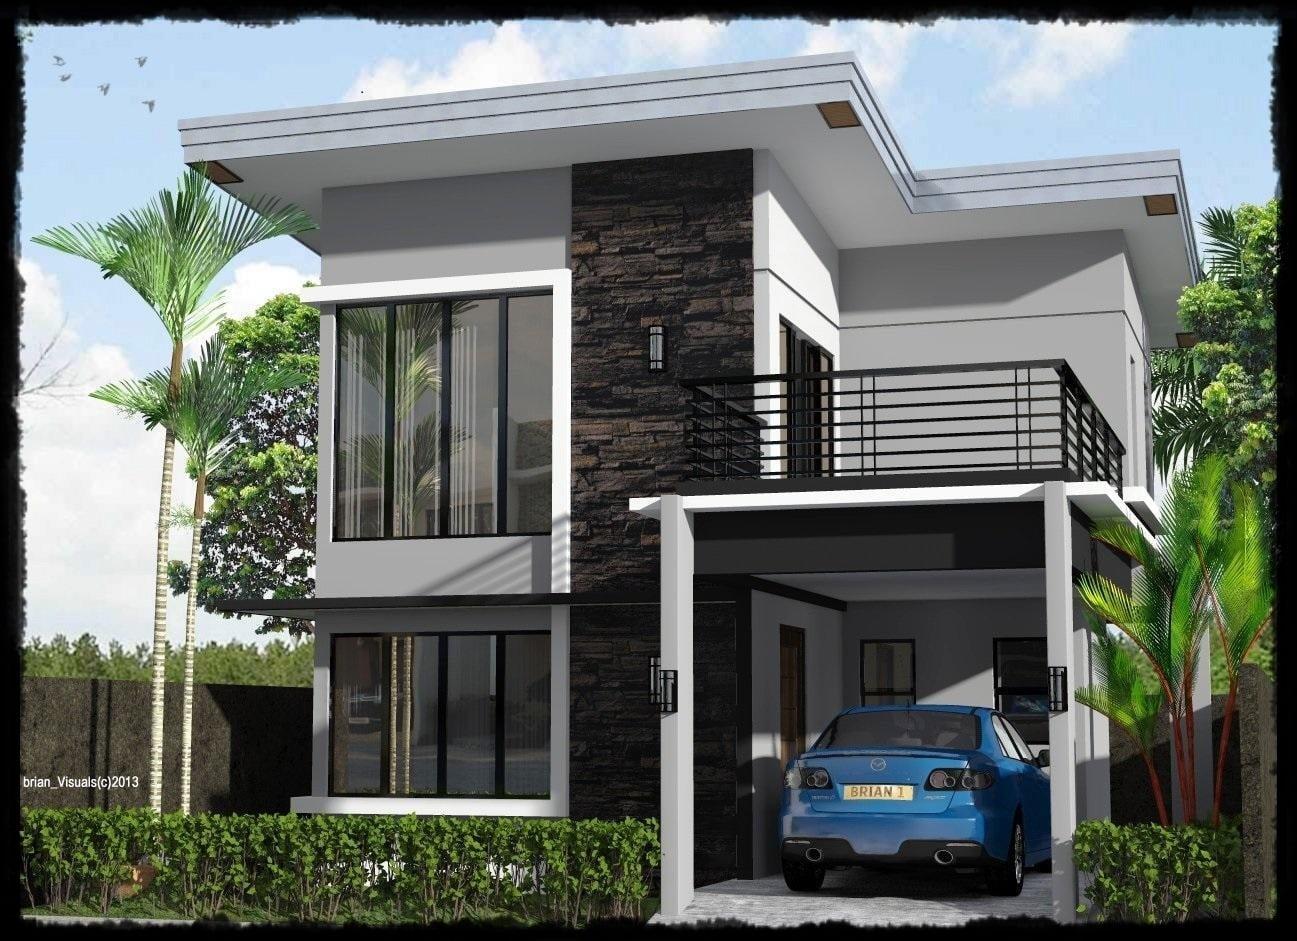 Fancy Desain Rumah Modern Warna Putih 87 Renovasi Perencanaan Desain Rumah oleh Desain Rumah Modern Warna Putih